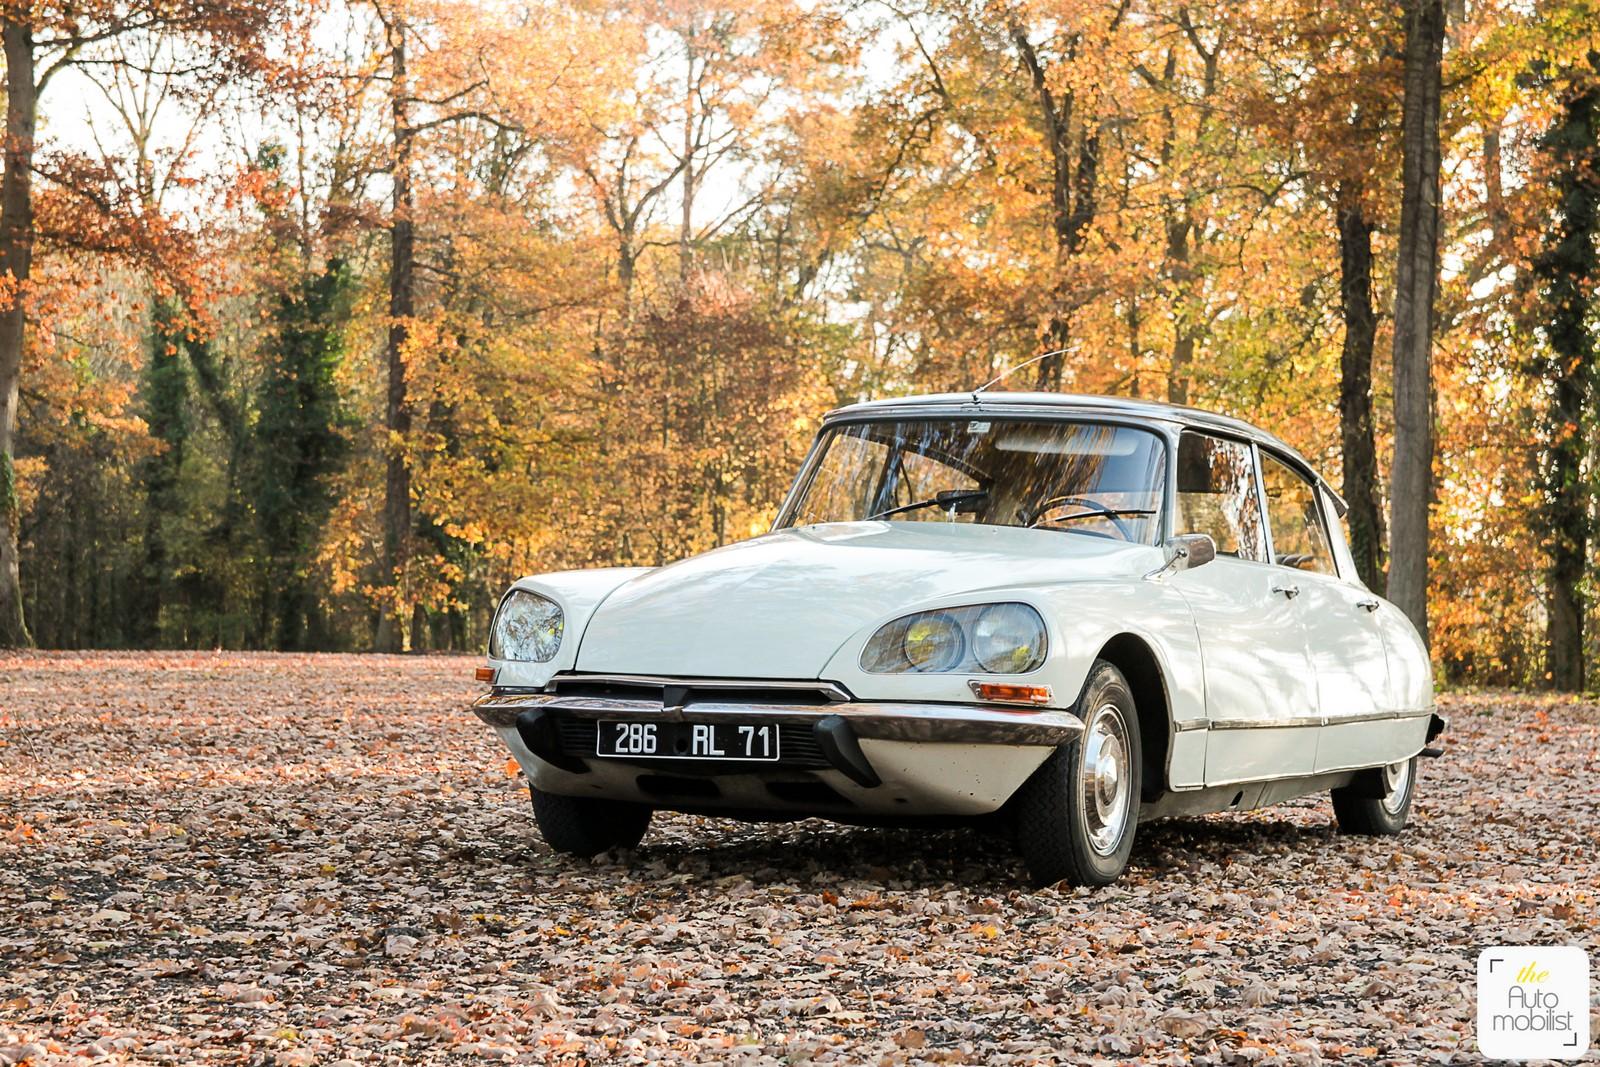 DS 20 Pallas 1969 AL The Automobilists 2018 11